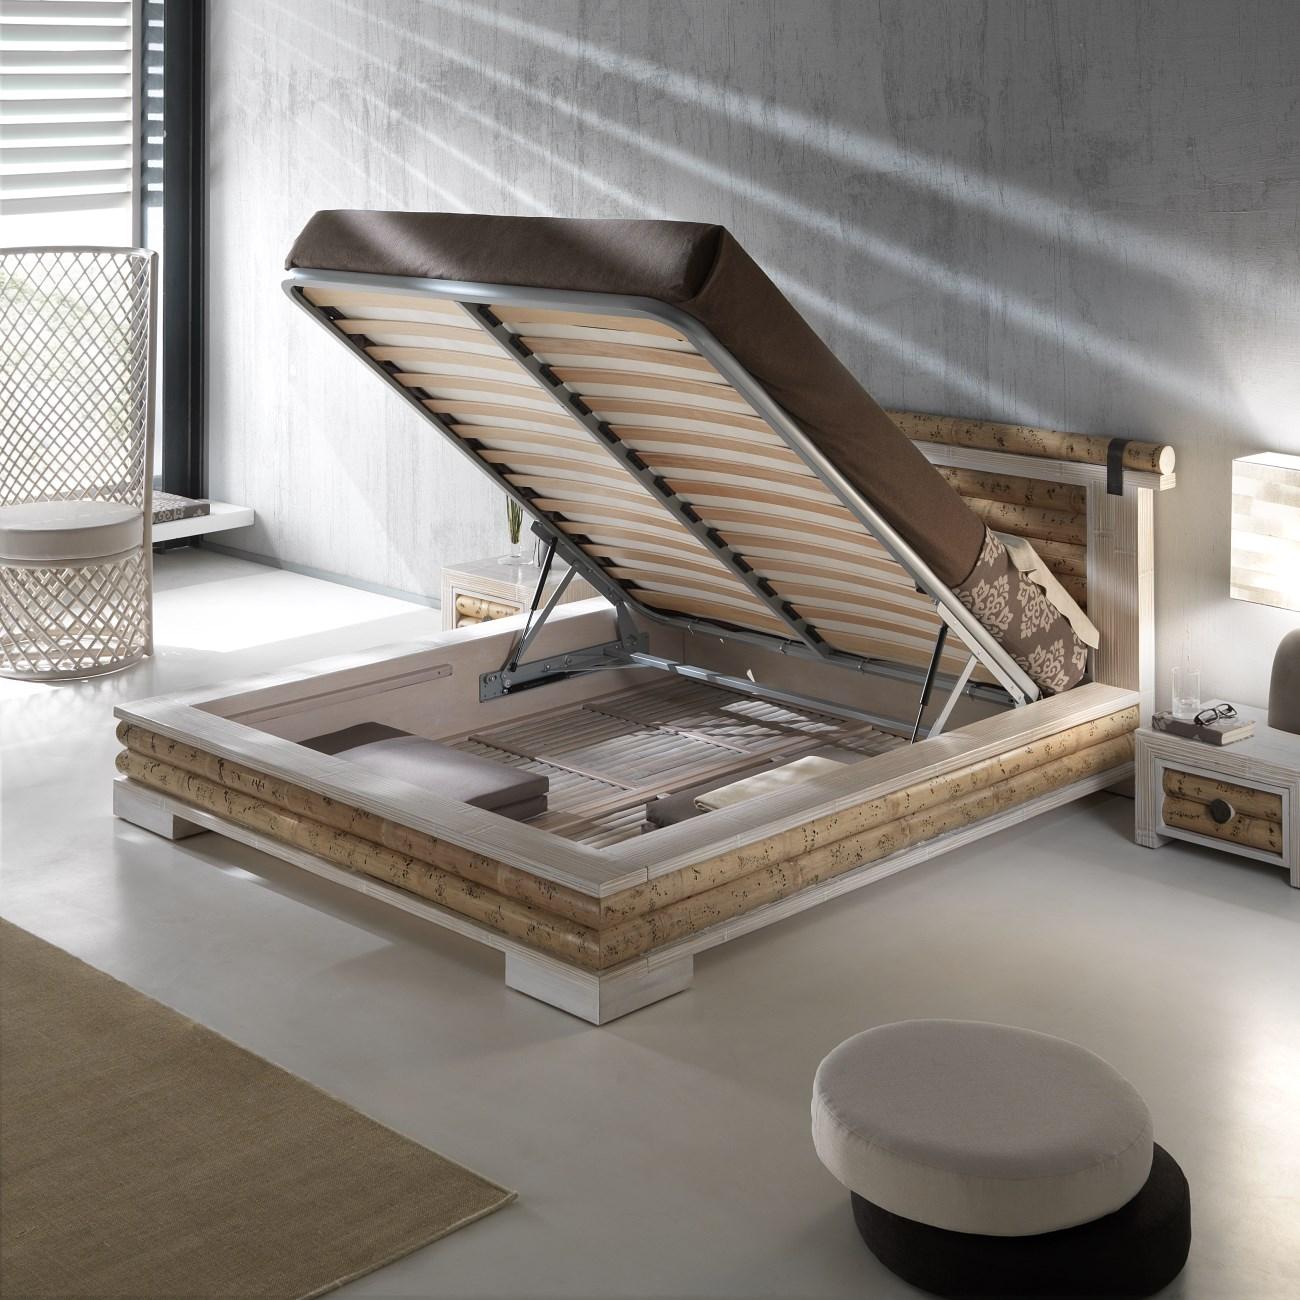 bambusbett tobago mit bettkasten rattan korbhaus. Black Bedroom Furniture Sets. Home Design Ideas